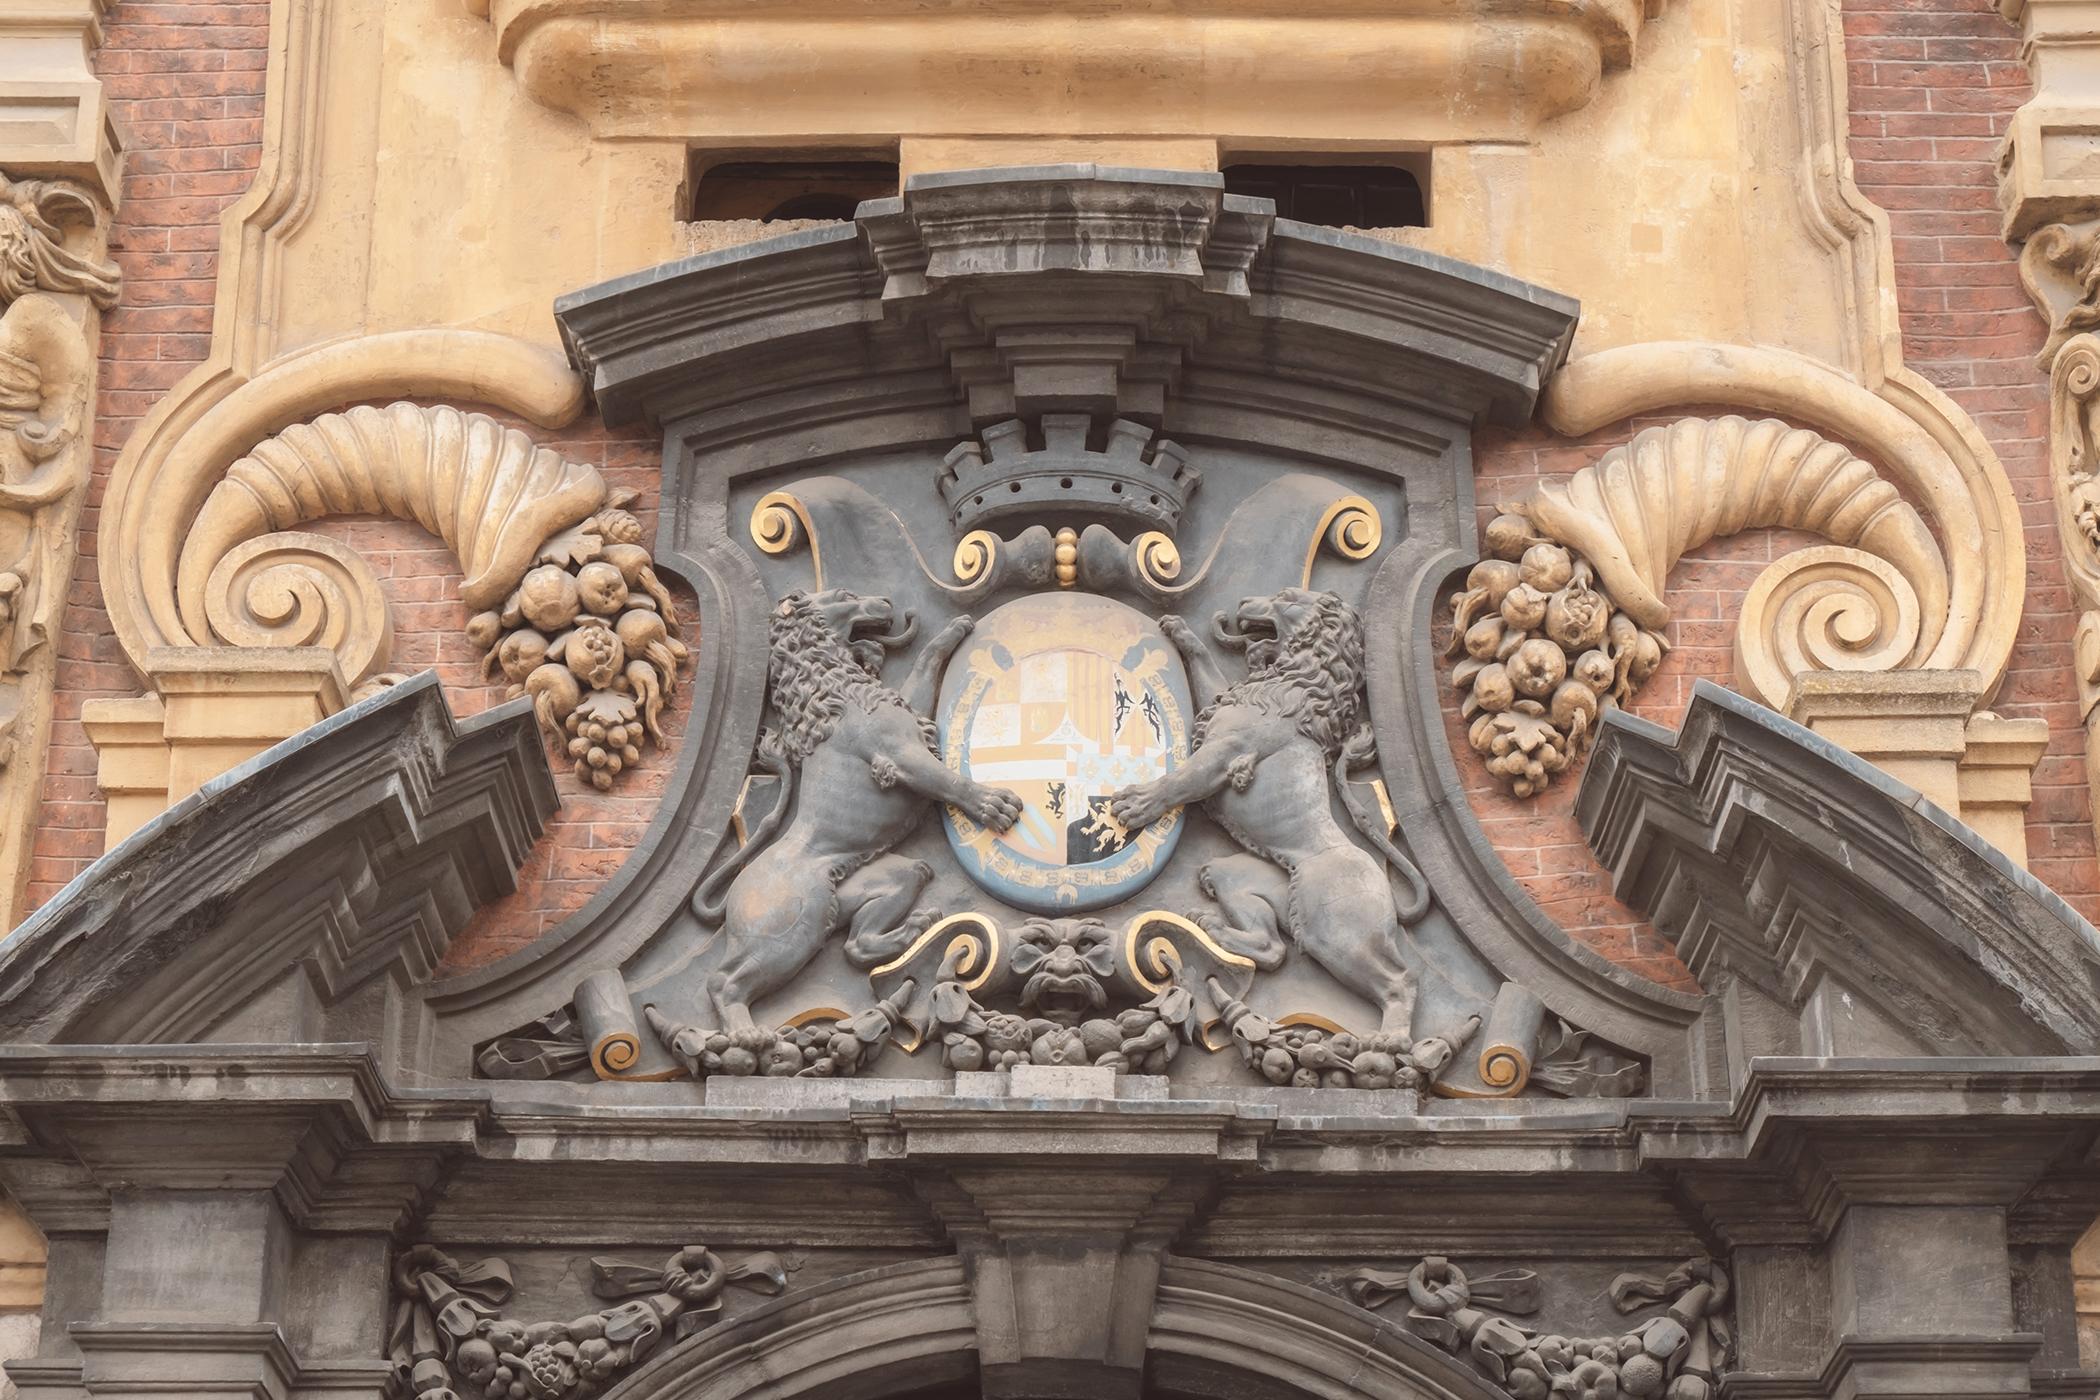 Les armoiries de la couronne d'Espagne